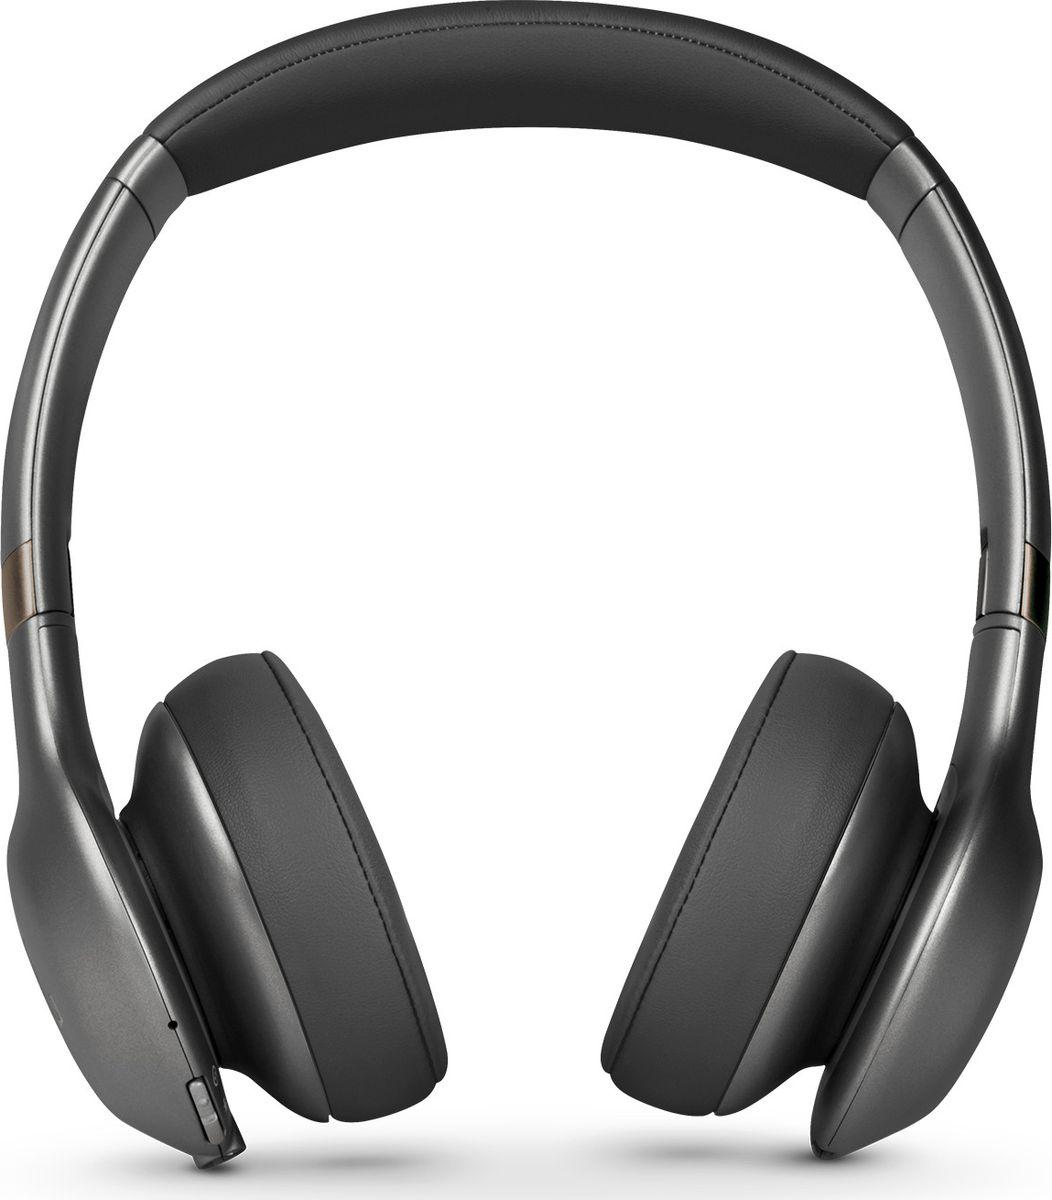 JBL Everest 310, Gun Metal наушникиJBLV310BTGMLНаденьте наушники JBL Everest 310: вас ждет до 20 часов прослушивания без проводов, потрясающий легендарный звук JBL Pro, эргономичный комфорт благодаря отделке из премиум-материалов и удобному прилеганию амбушюр. Технология Share Me 2.0 позволяет делиться музыкой с друзьями через Bluetooth. Благодаря быстрой зарядке за 2 часа, элегантному складному дизайну и компактному жесткому чехлу эти наушники станут вашим идеальным попутчиком в частых поездках. Встроенный микрофон обеспечивает кристально чистый звук во время звонков в режиме hands-free, а удобные кнопки на чашке наушника позволяют выбирать нужную музыку. Наушники доступны в металлических оттенках. Они сделают музыку центром вашей жизни. Позвольте себе этот звук.